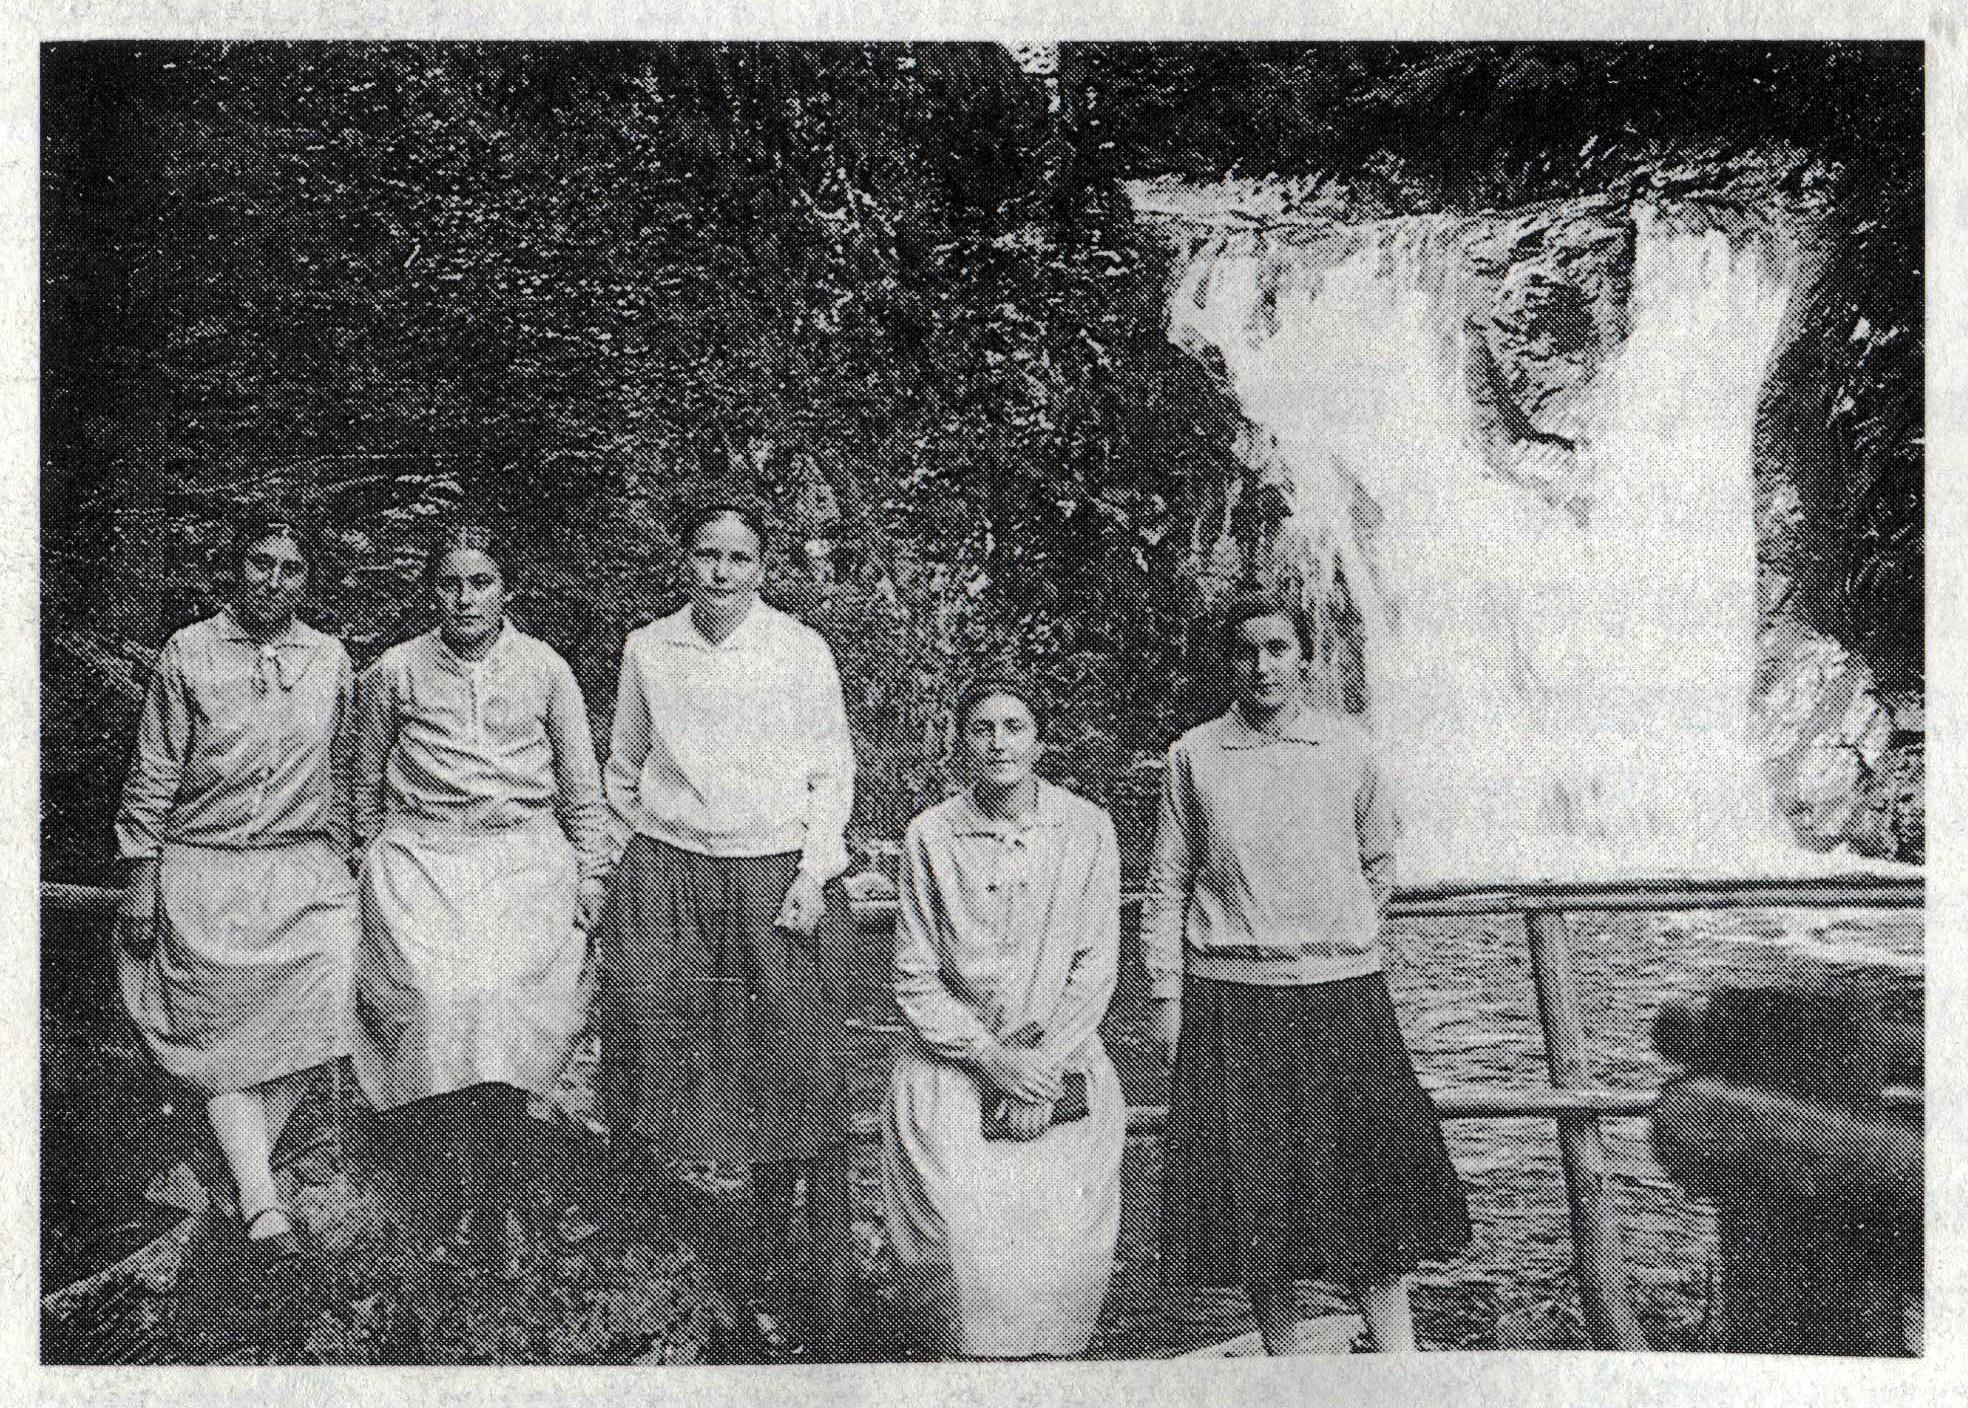 800 Dorffasent erste Frauen 10 10 scan